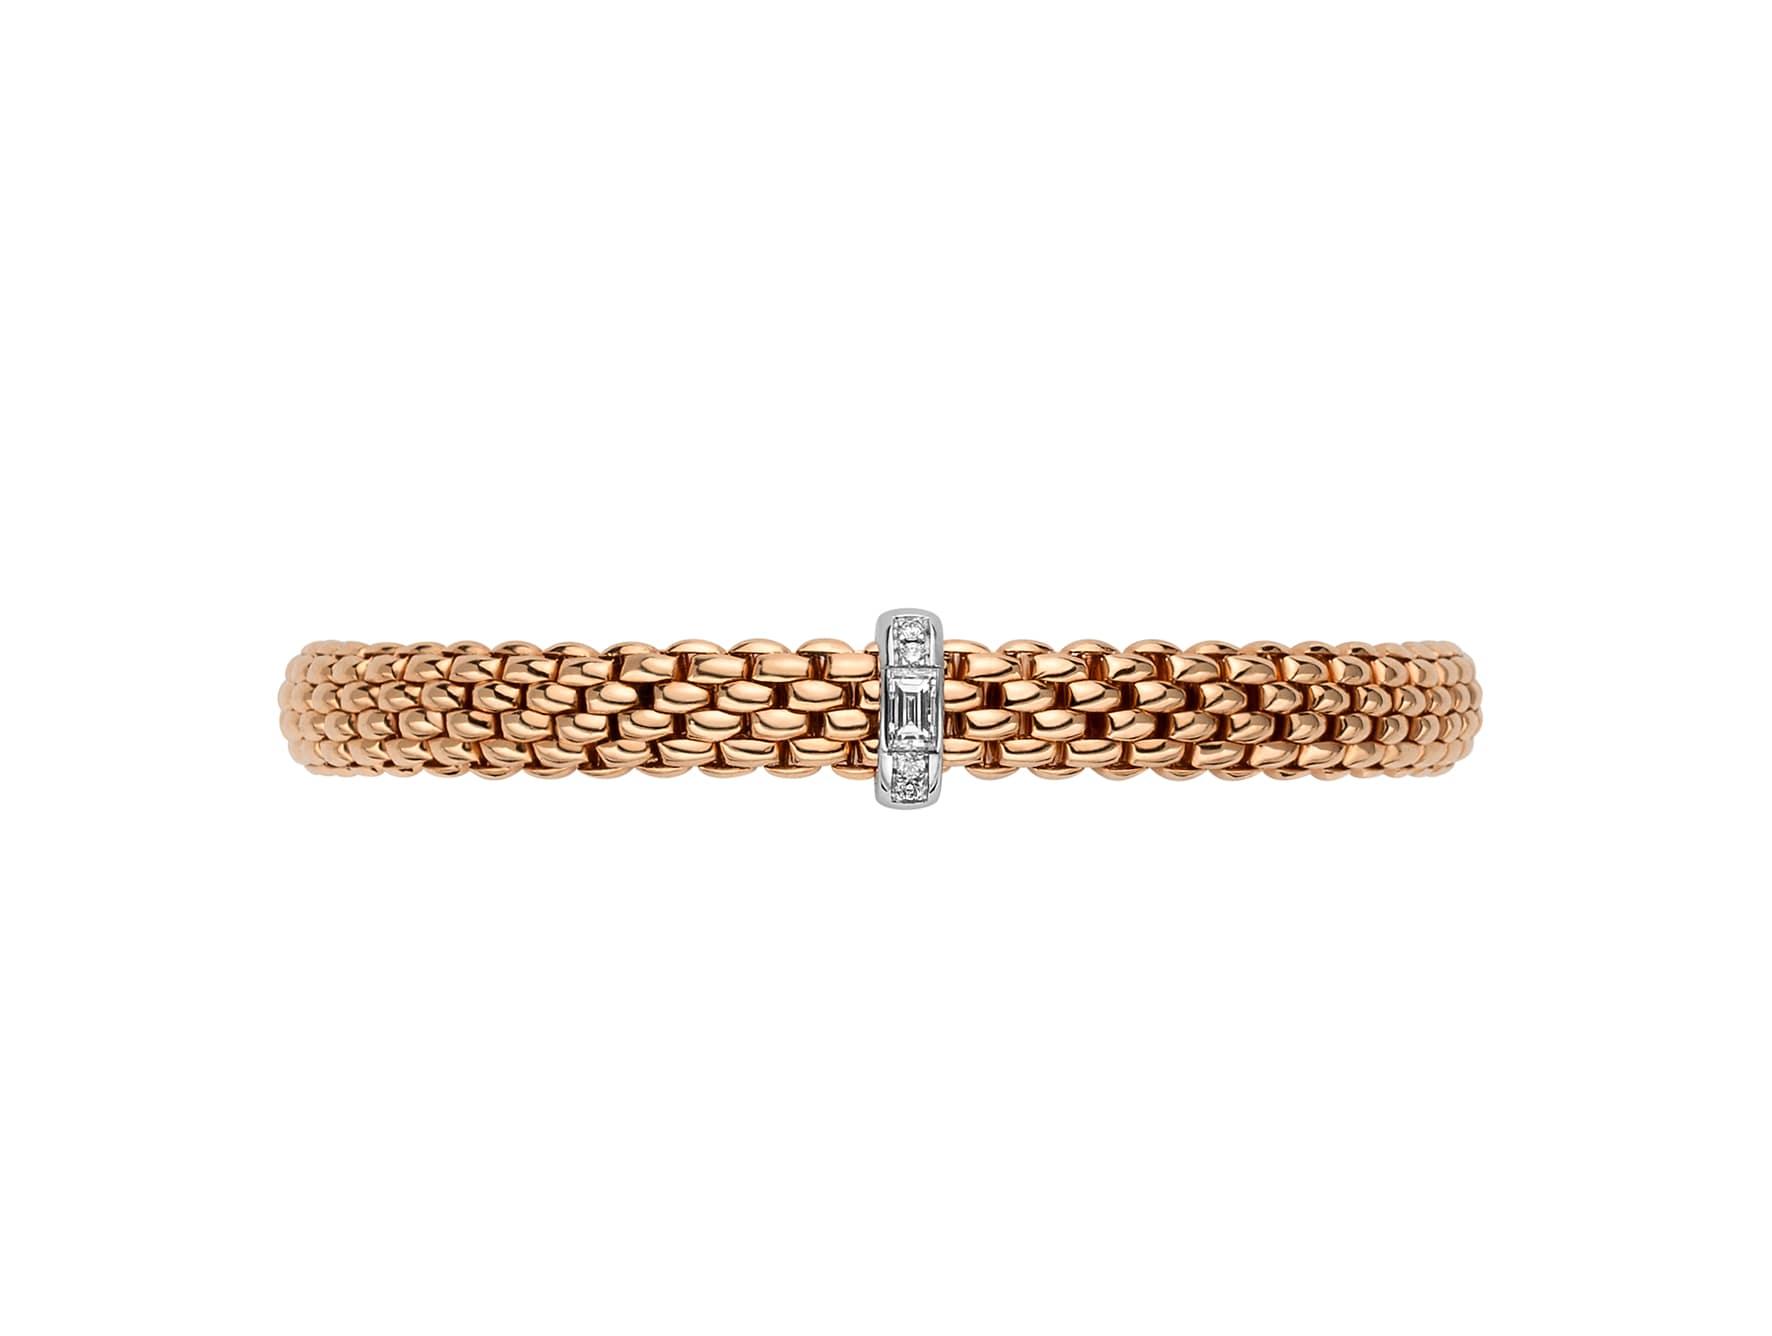 Bracciale Flex'it in oro flessibile, con rondelle in pavé di diamanti, FOPE (da 4.710 €).